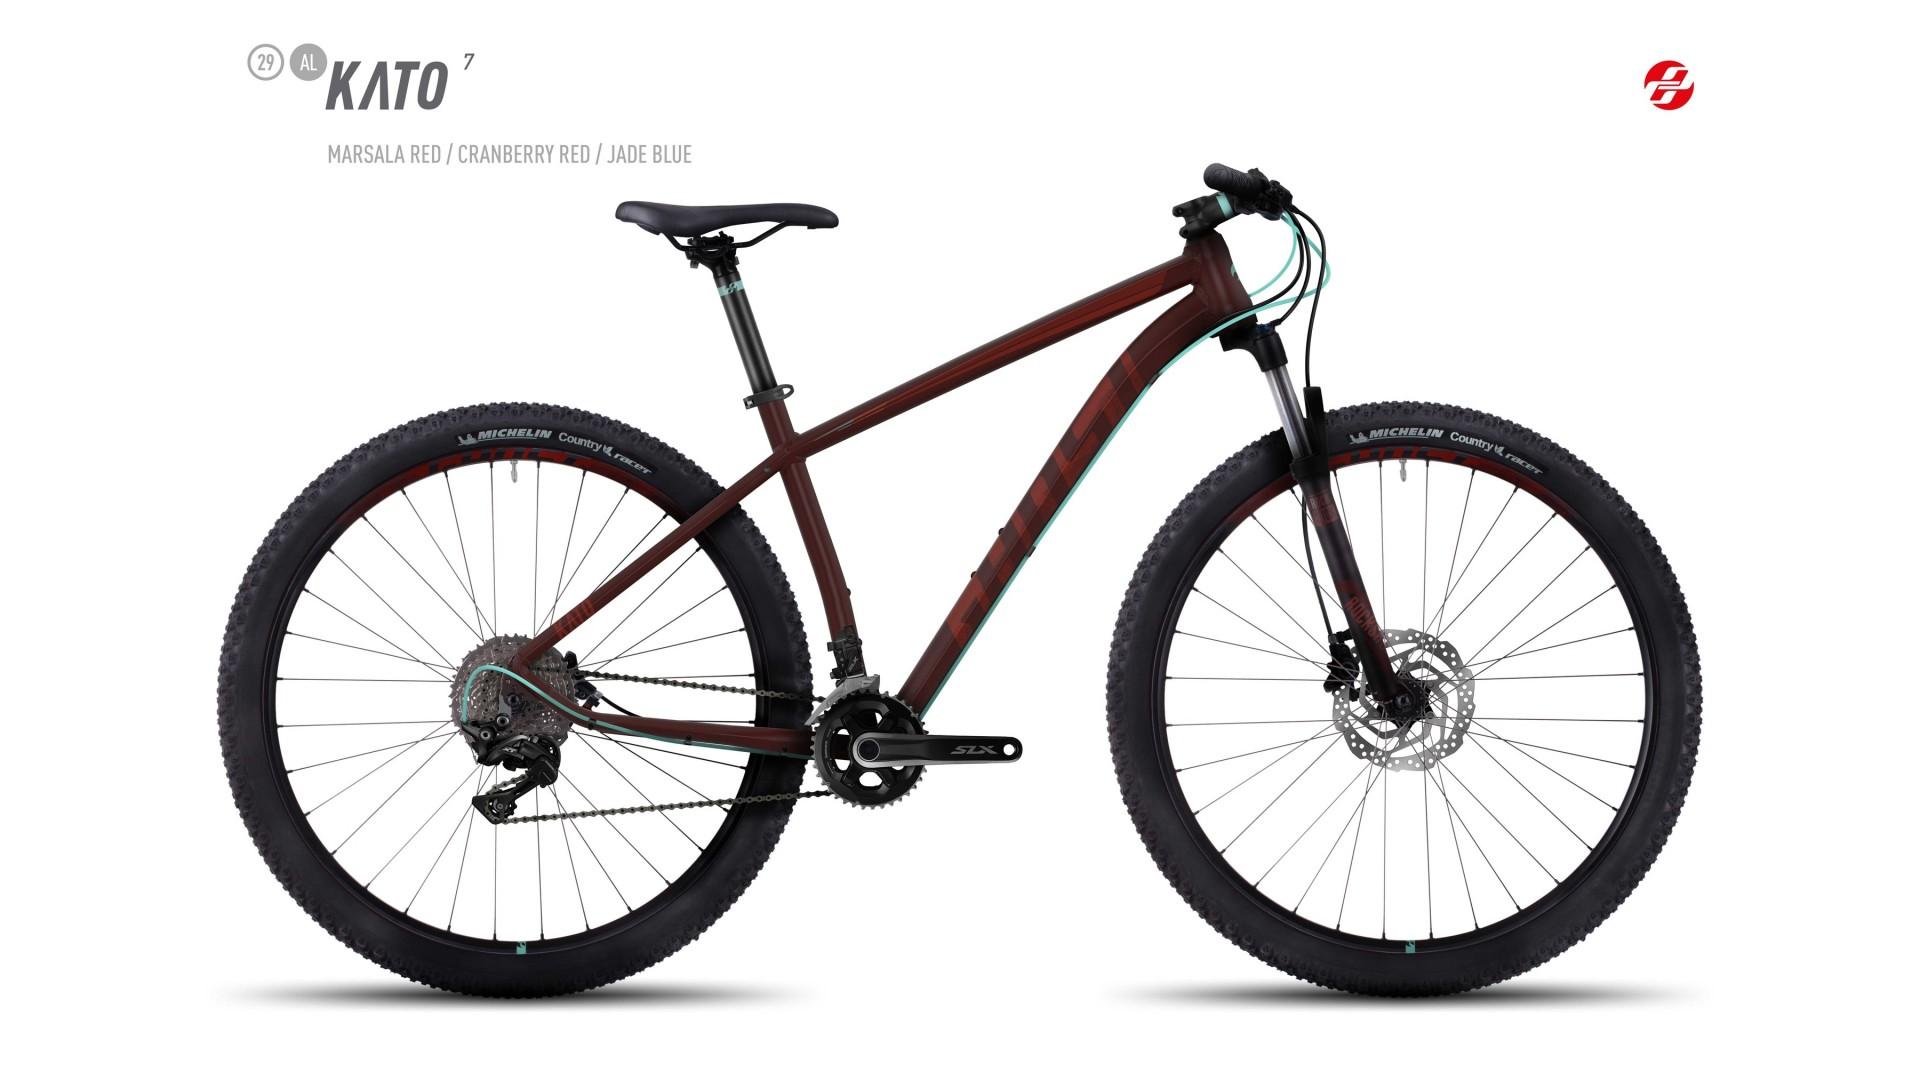 Велосипед GHOST Kato 7 AL 29 marsalared/cranberryred/jadeblue год 2017